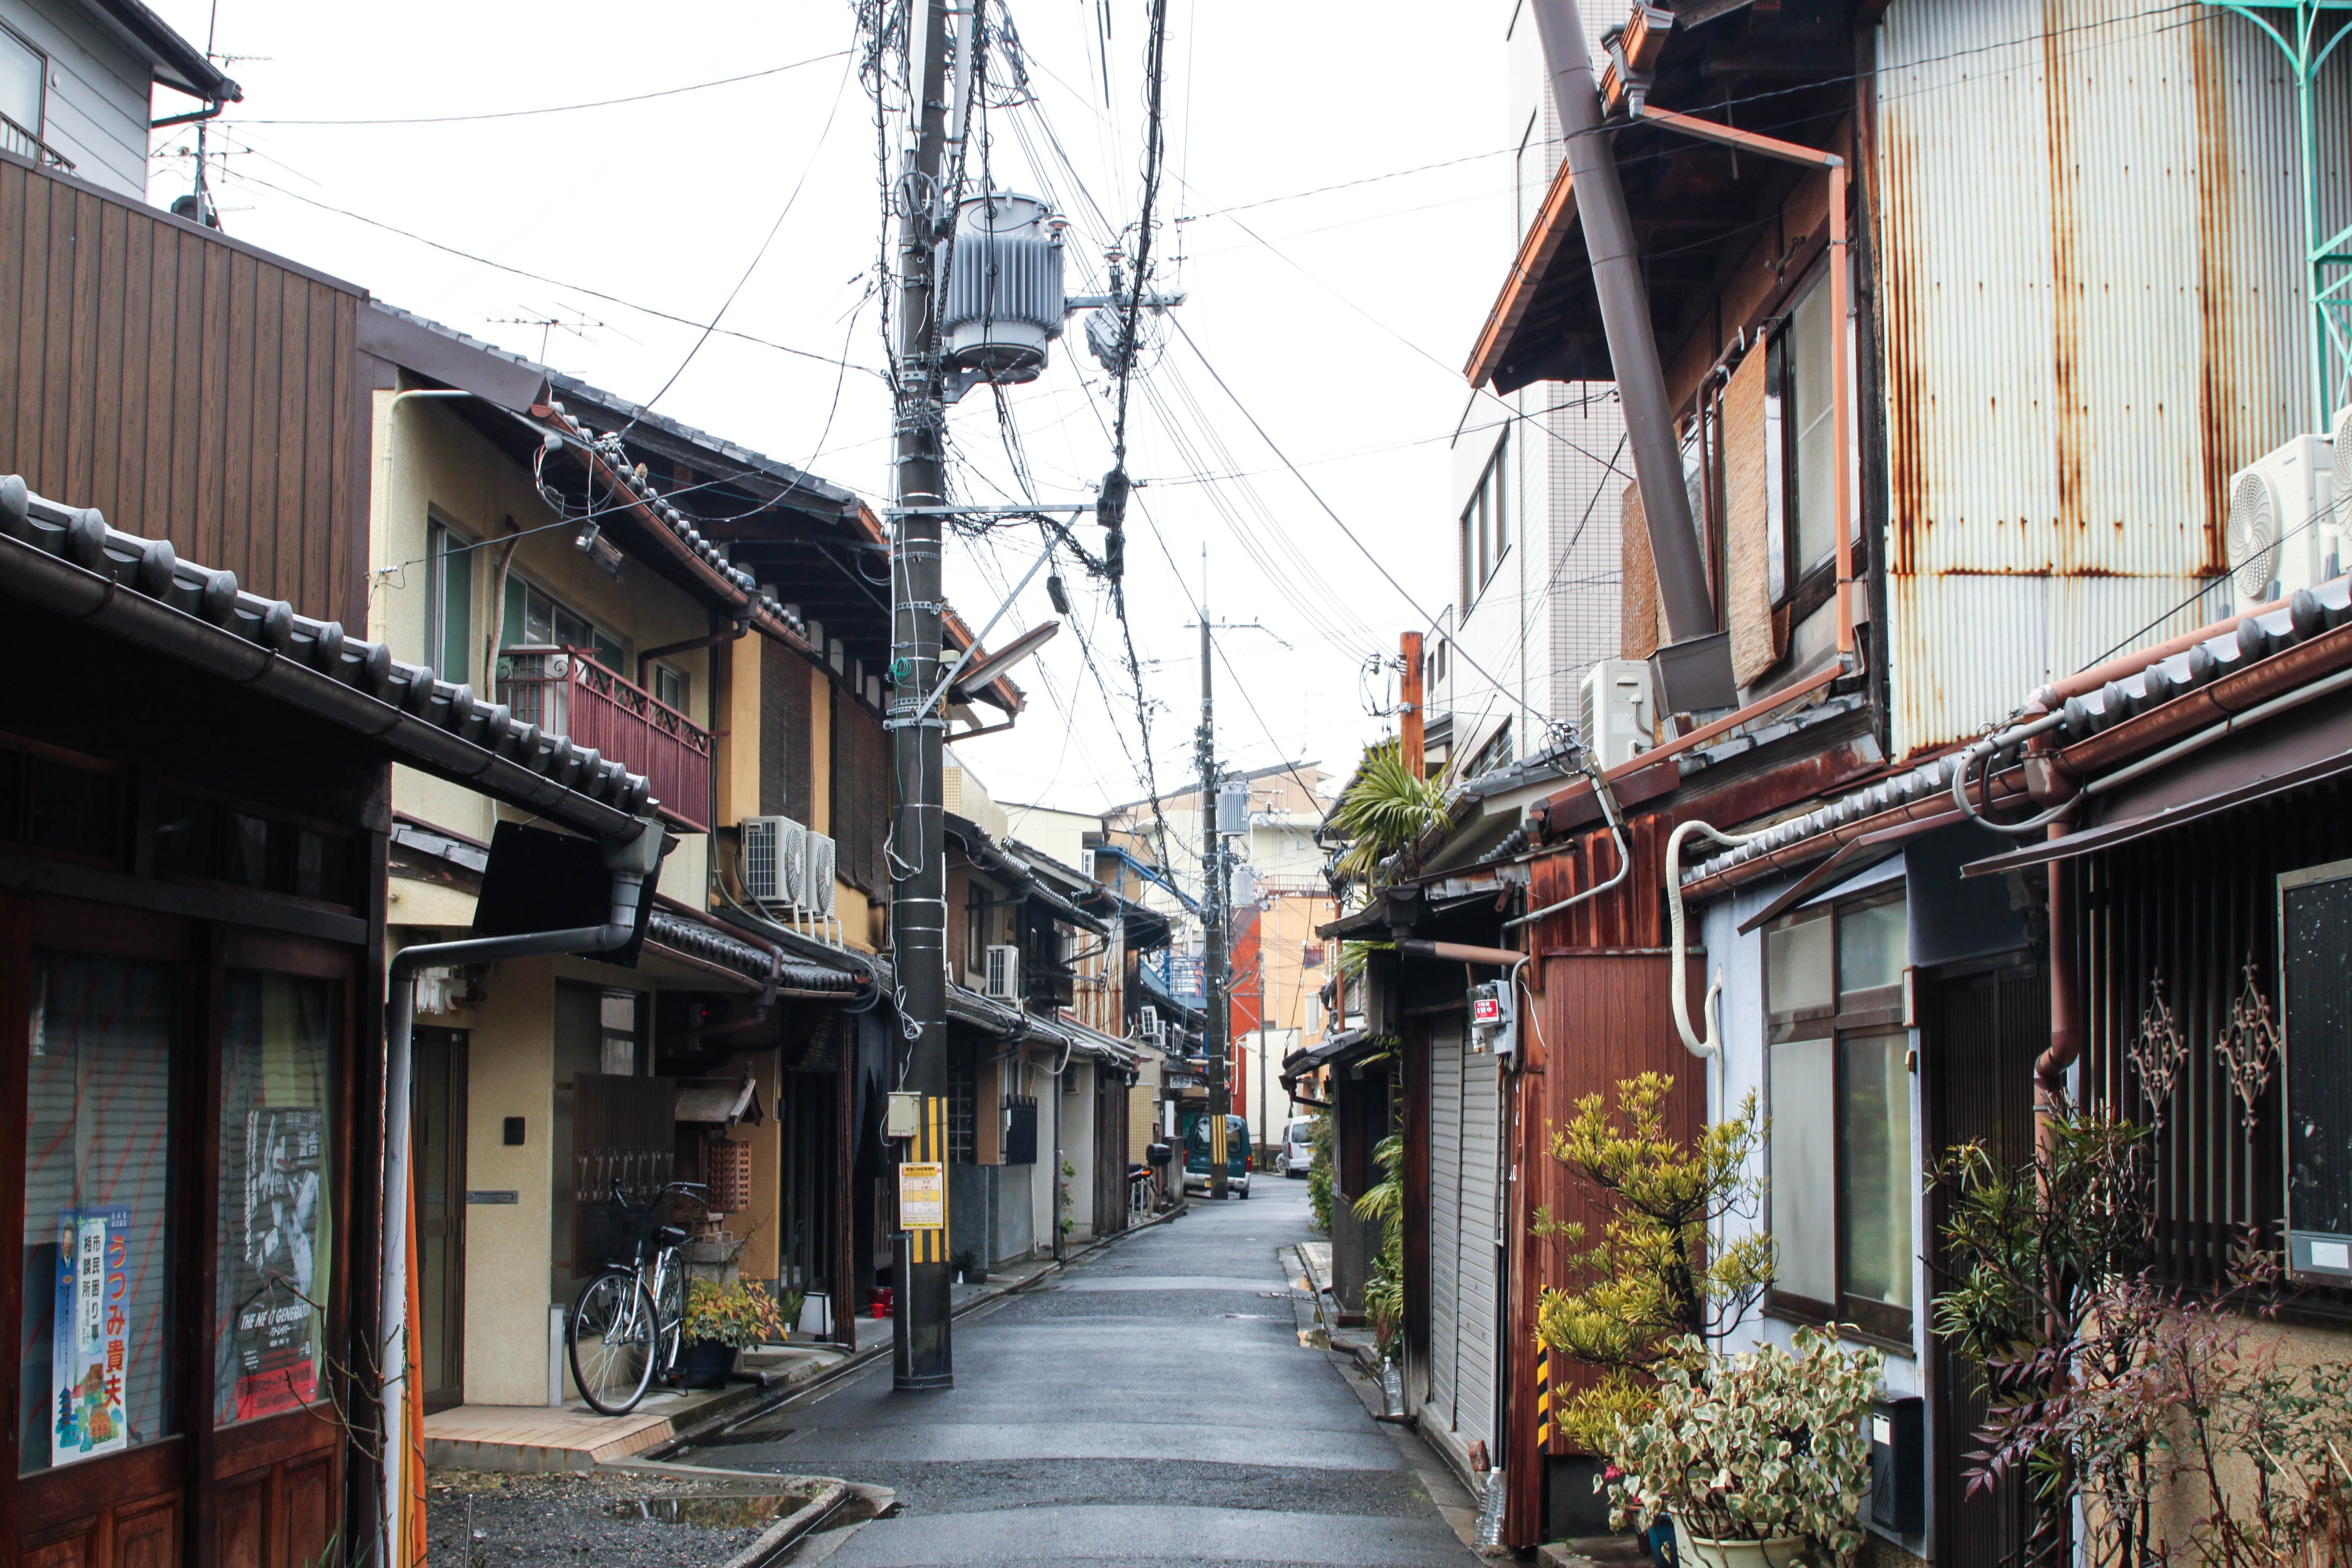 Tokyo va hanh trinh kham pha nhip song thuong ngay o Nhat Ban hinh anh 77